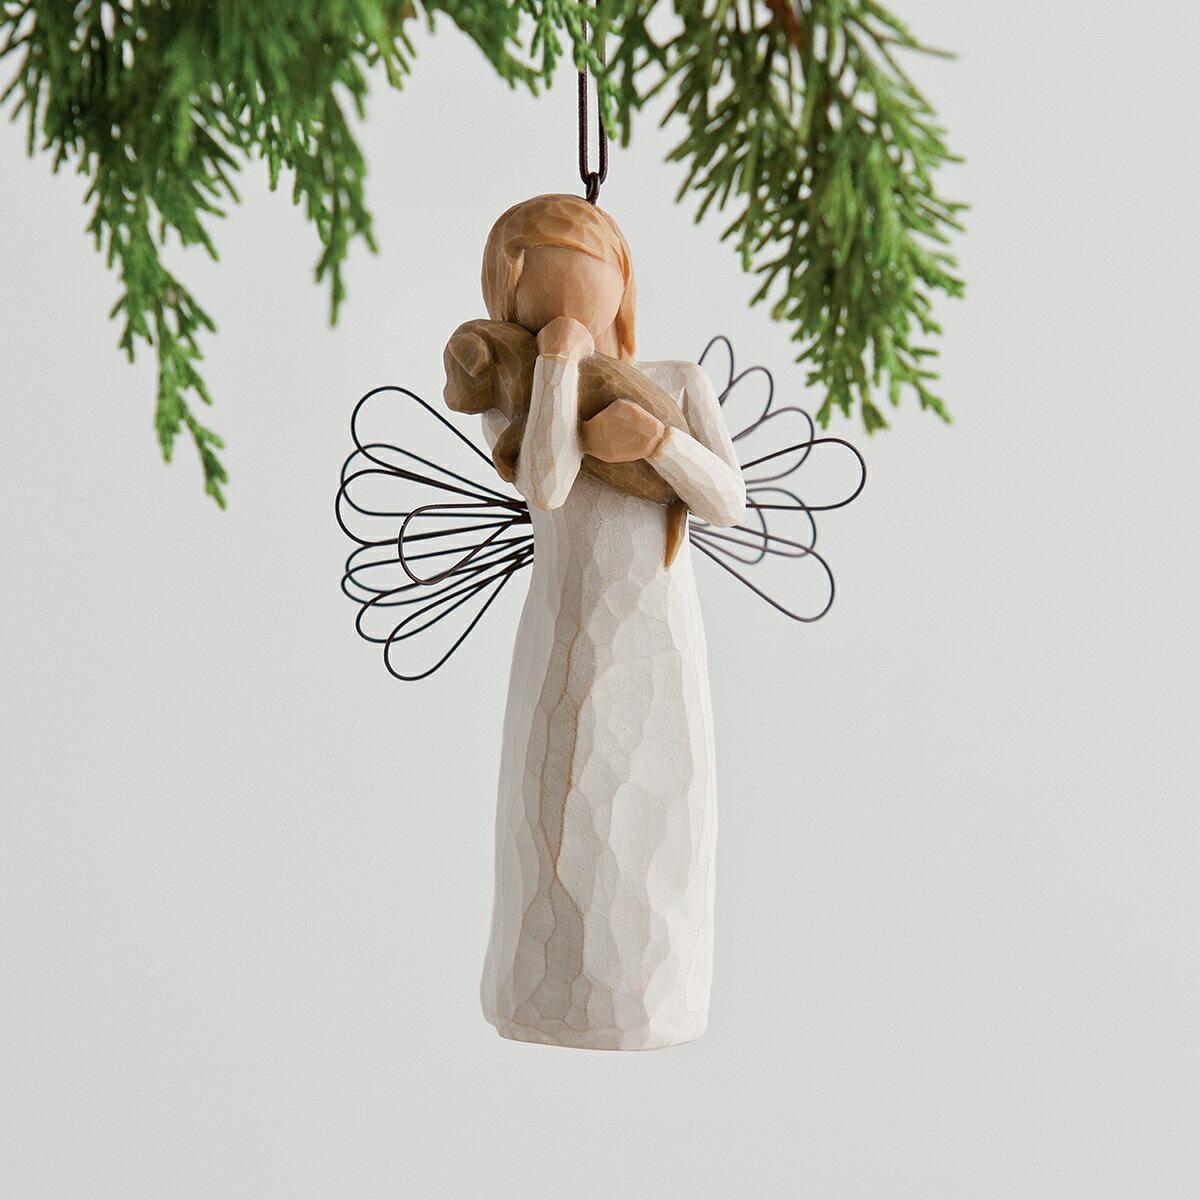 ウィローツリーオーナメント 友情 犬 おしゃれでかわいい置物 オブジェ 彫刻 フィギュリン 人形 インテリア雑貨 Willow Tree Angel of Friendship 正規輸入品